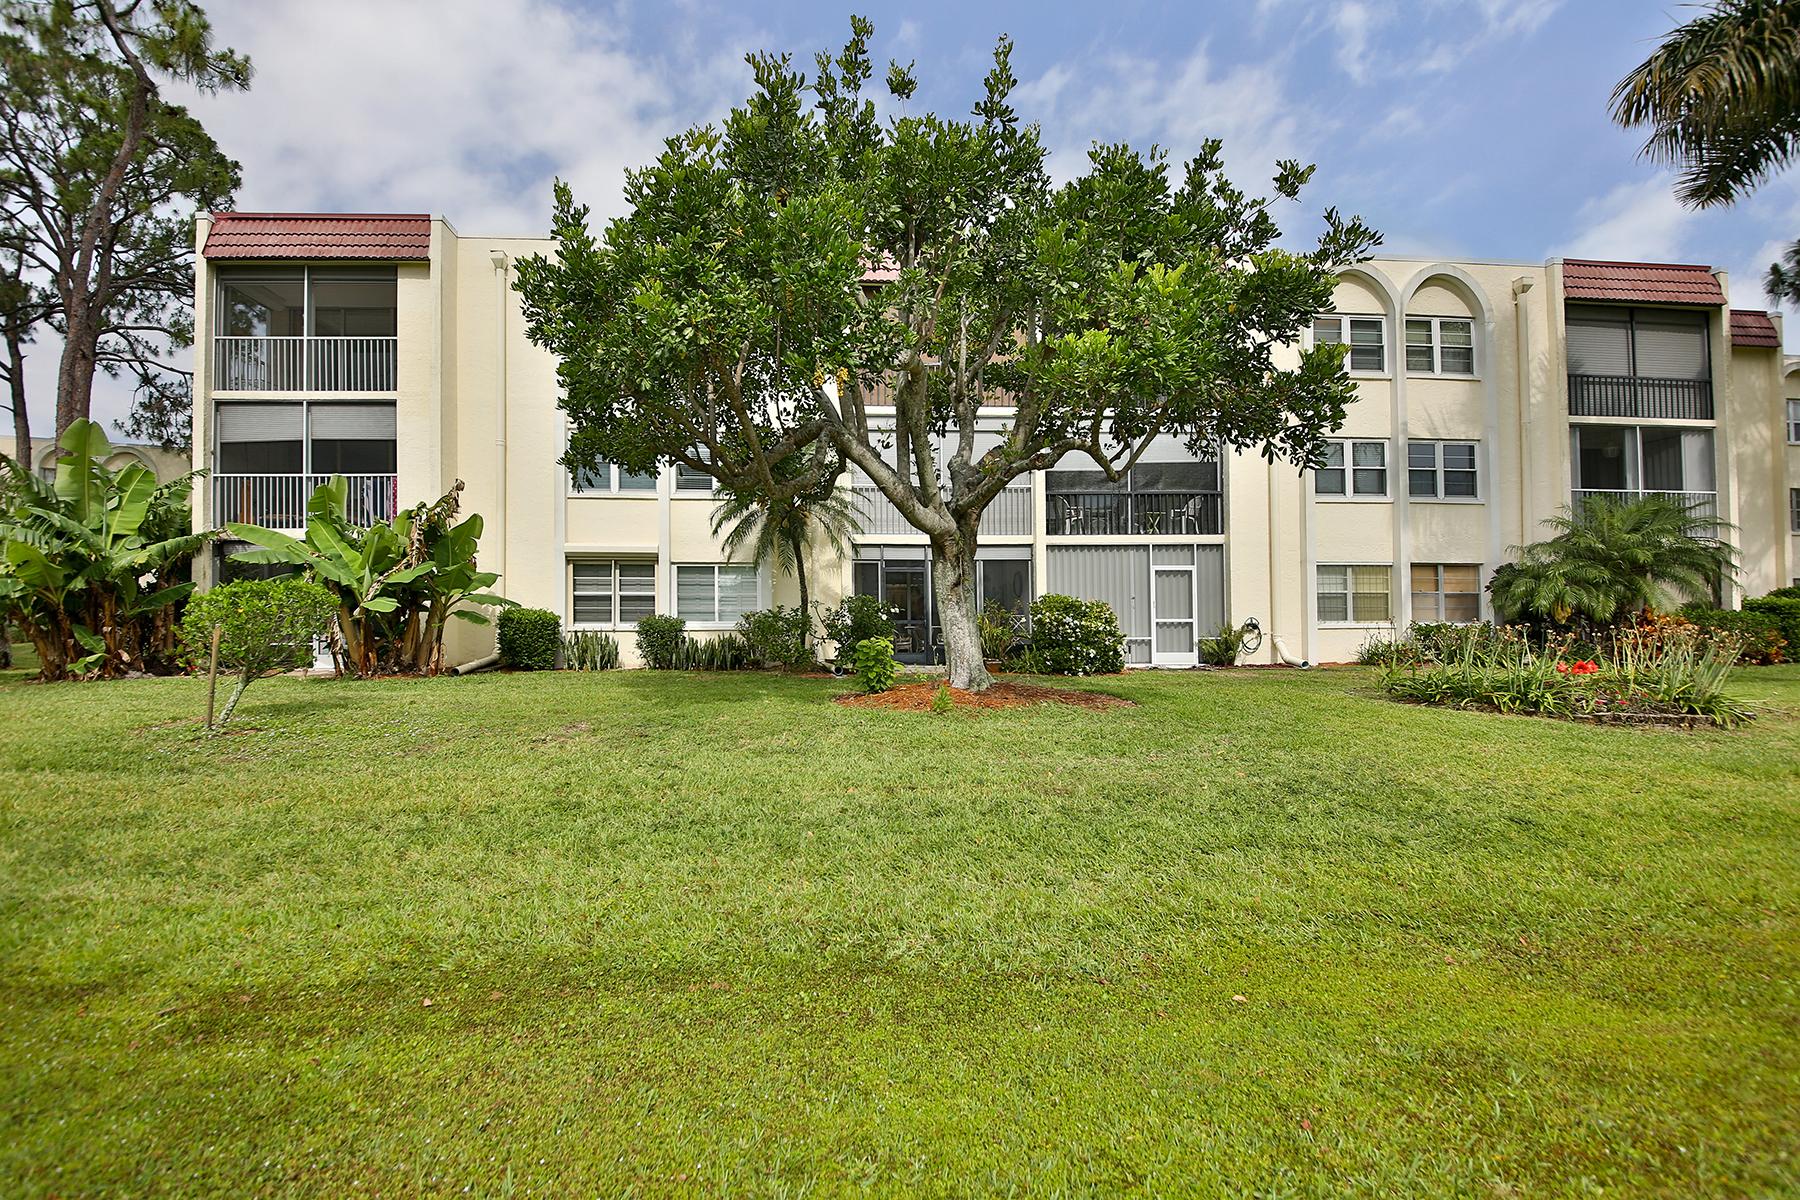 Eigentumswohnung für Verkauf beim FORET LAKES 1085 Forest Lakes Dr 309 Naples, Florida, 34105 Vereinigte Staaten